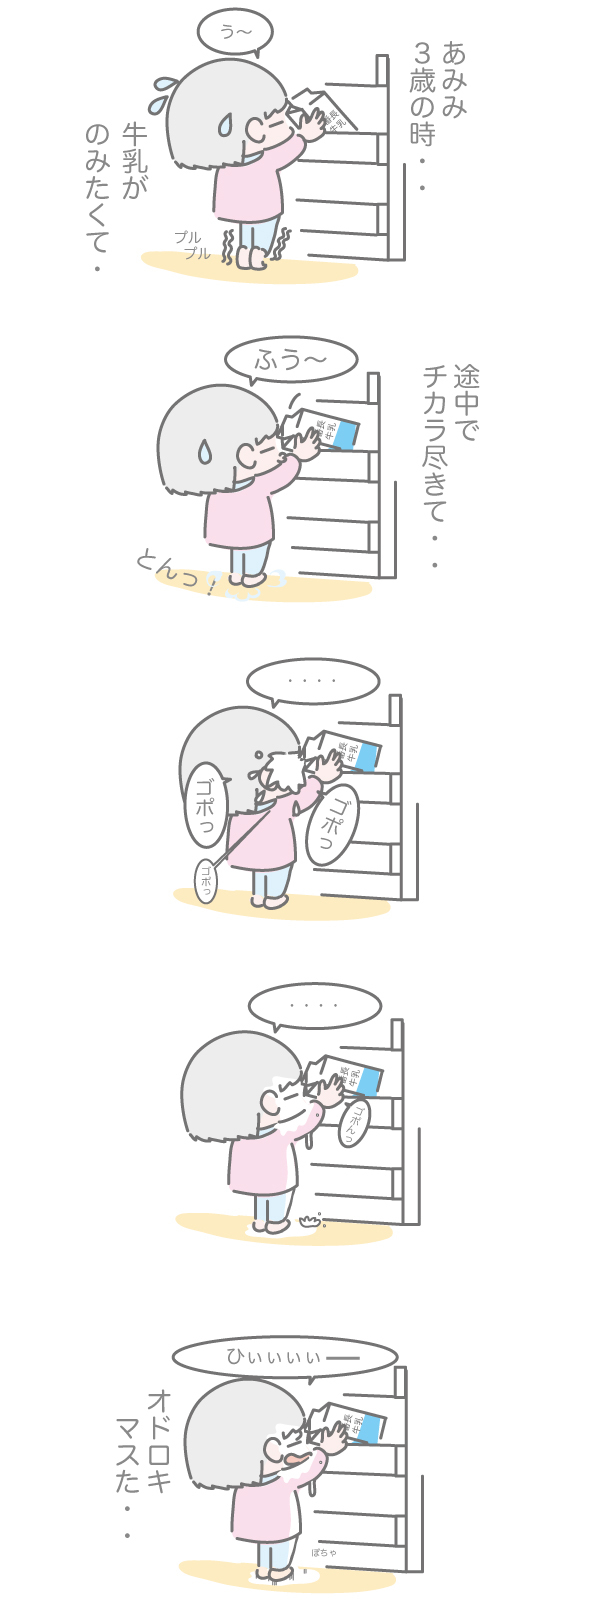 ネタ10ブログ